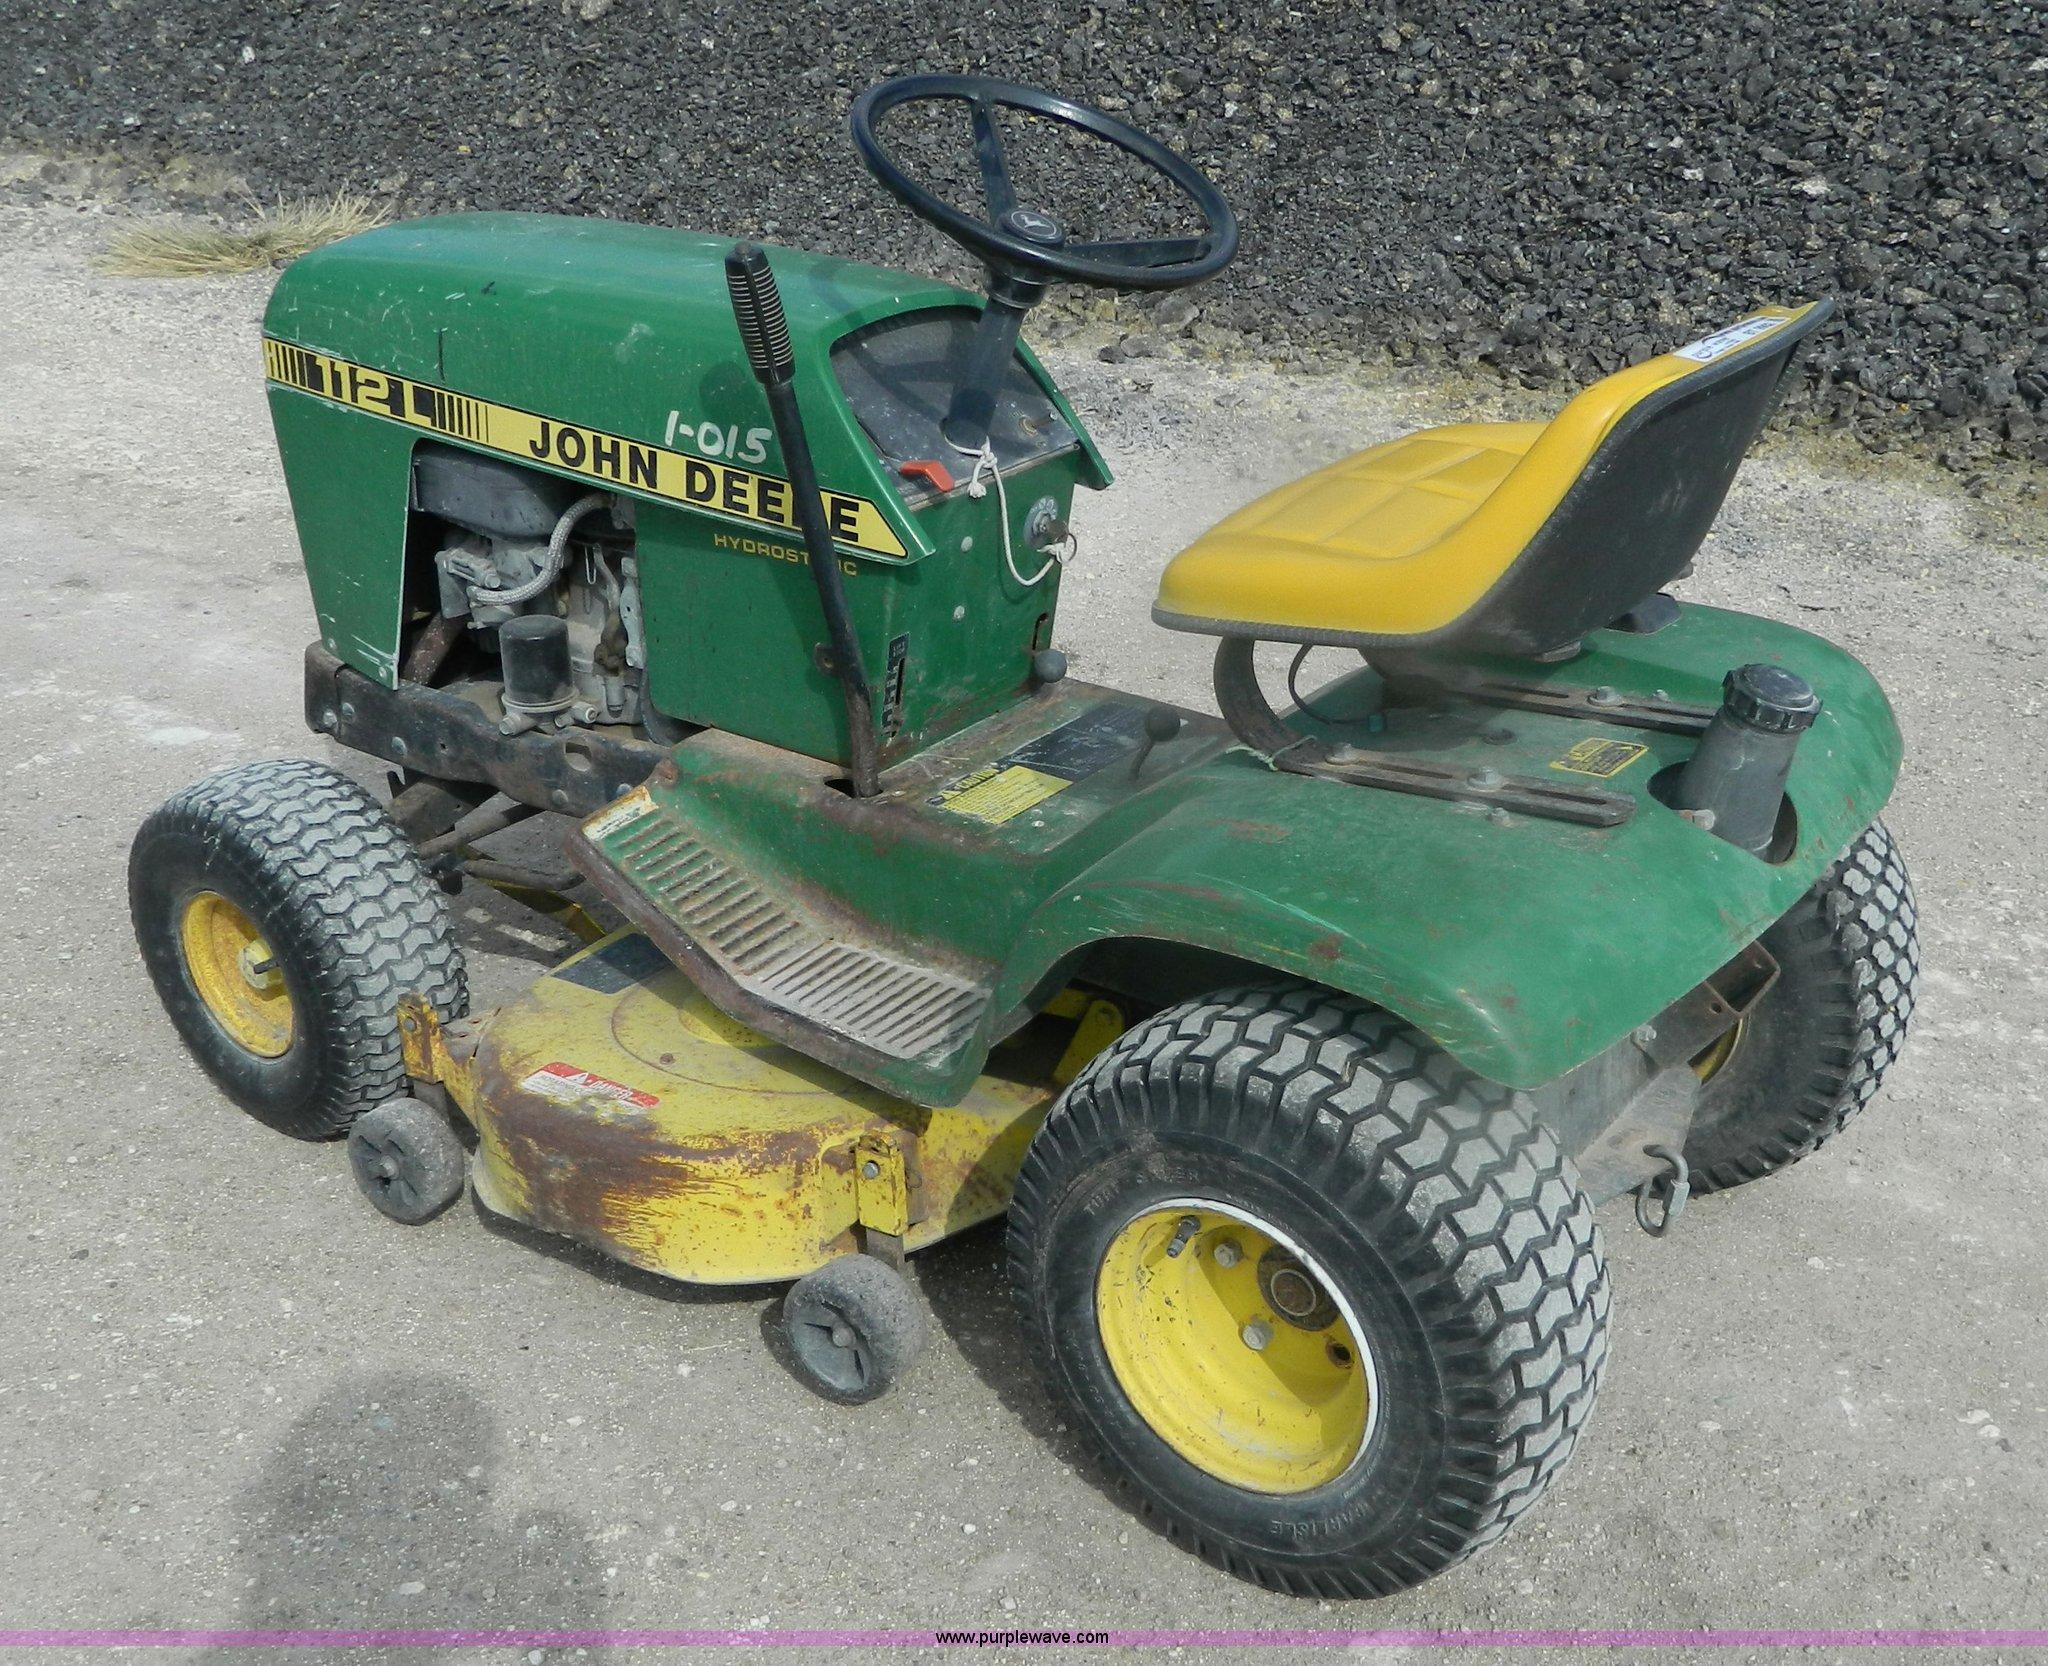 ... John Deere 112L lawn mower Full size in new window ...